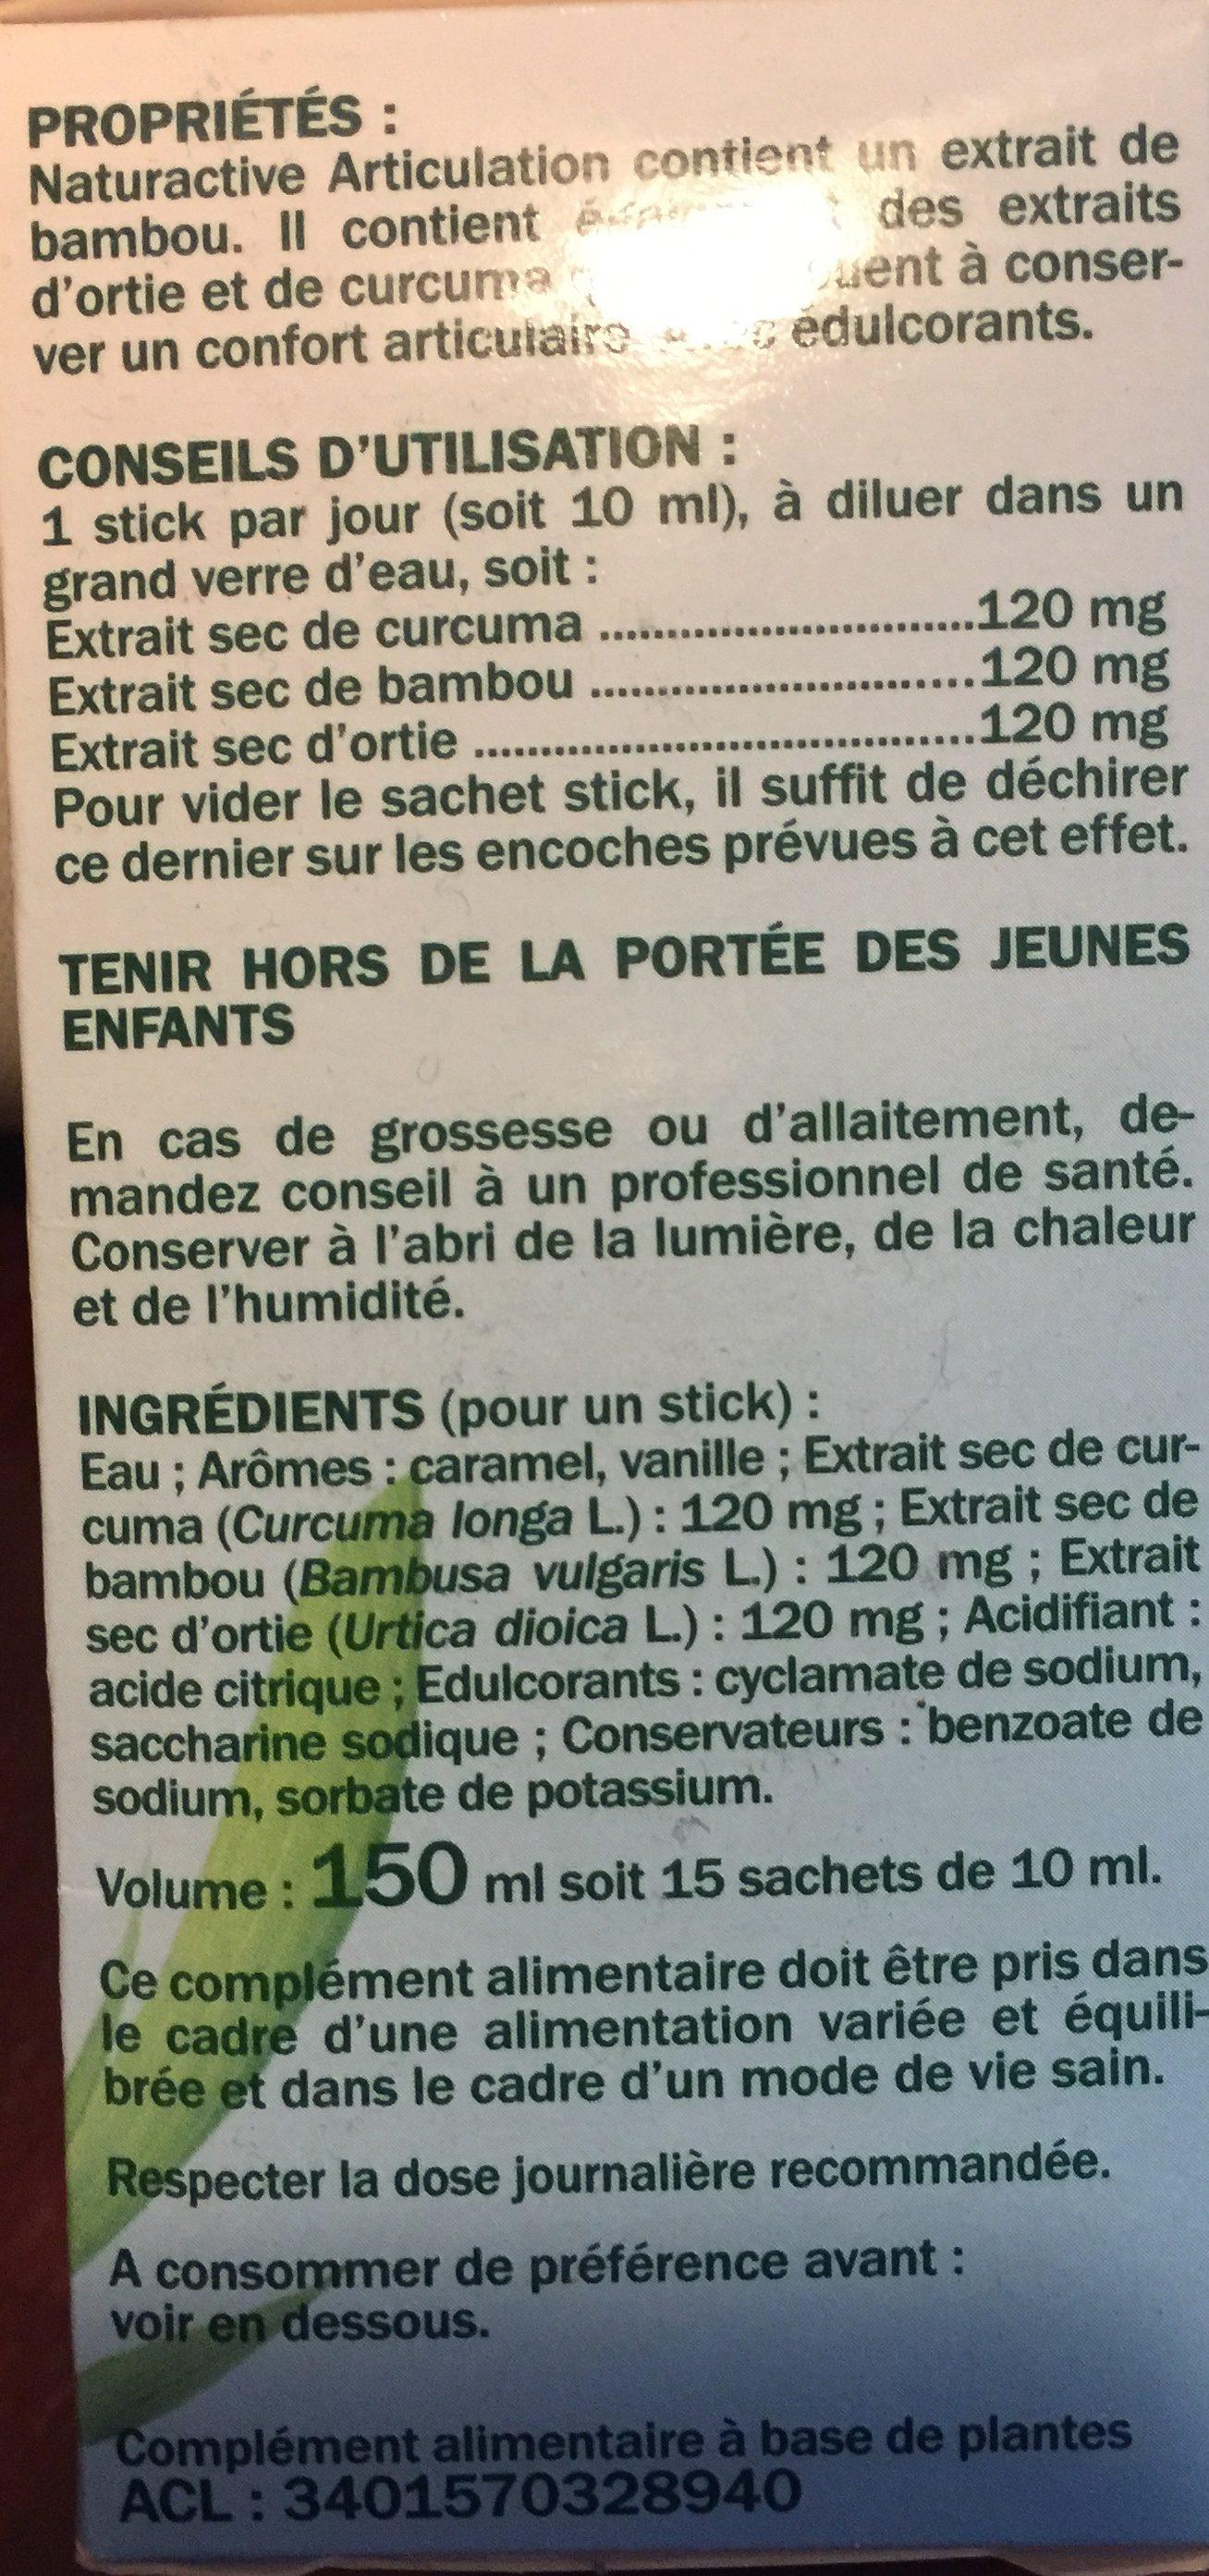 Naturactive Elusane Articulation Liquid Sachets, 15 Sachets To Dilute - Ingrédients - fr